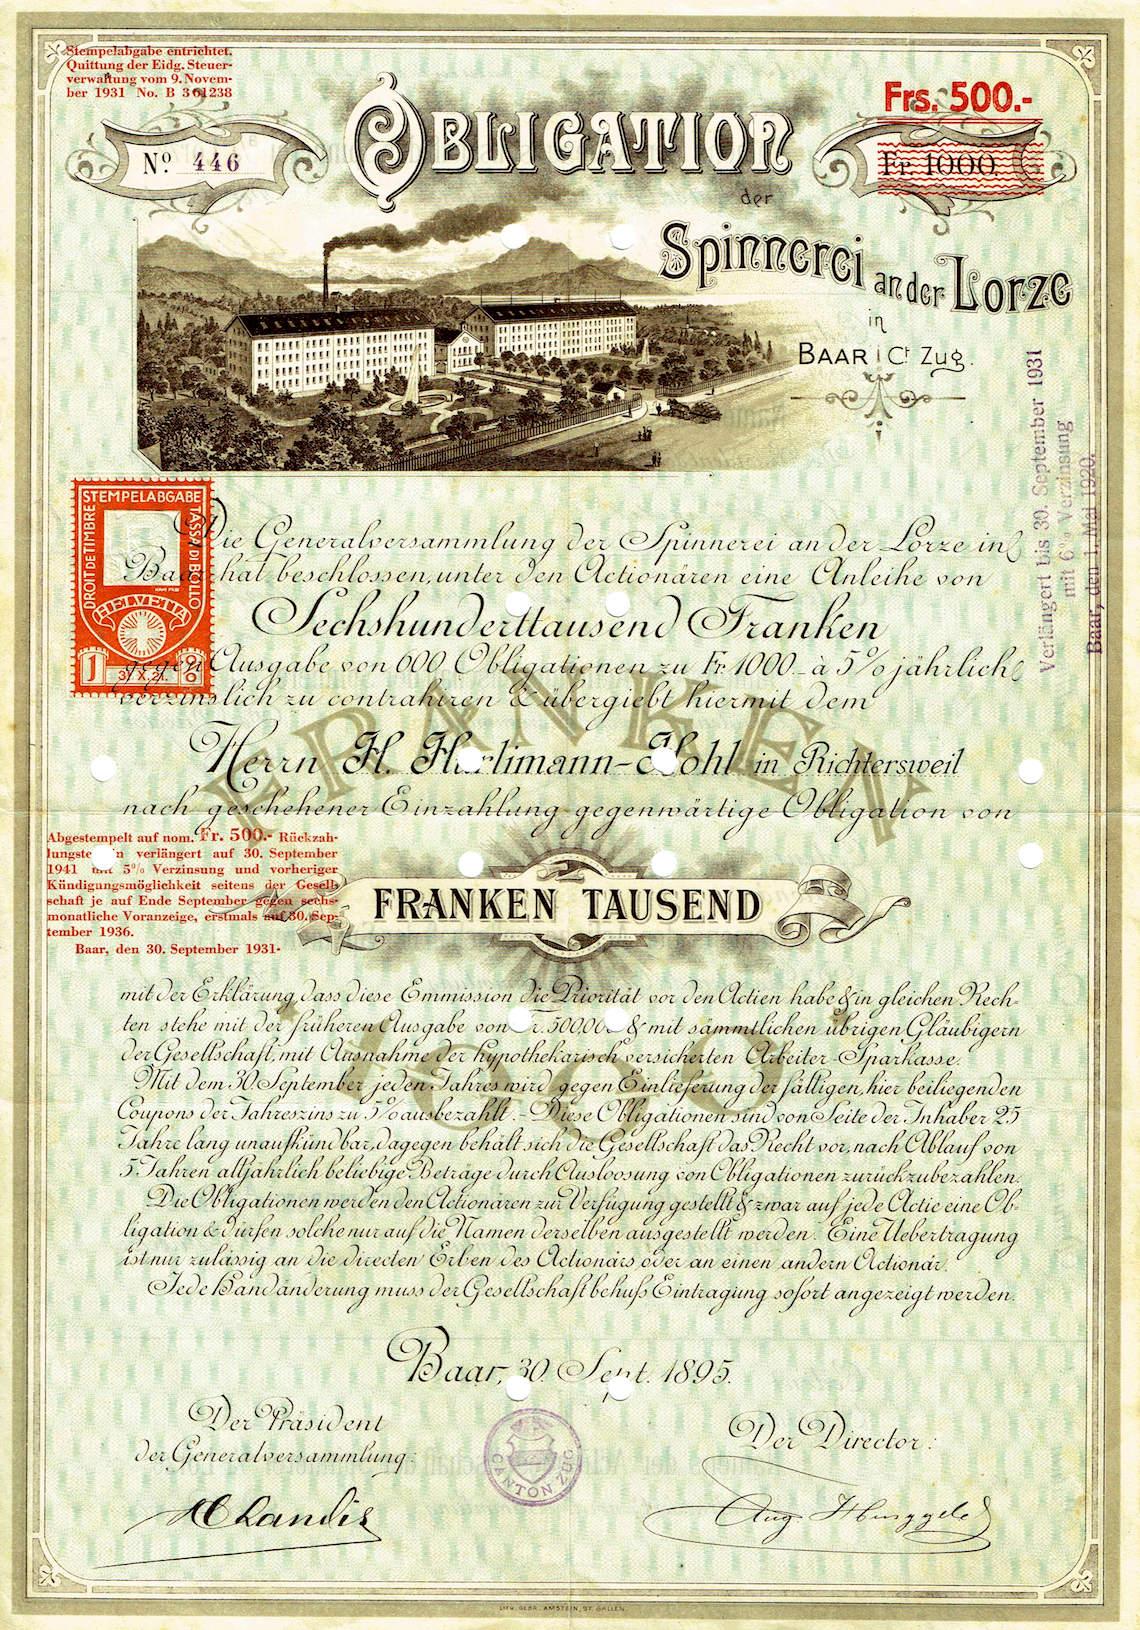 Spinnerei-Obligation aus dem Jahre 1895.